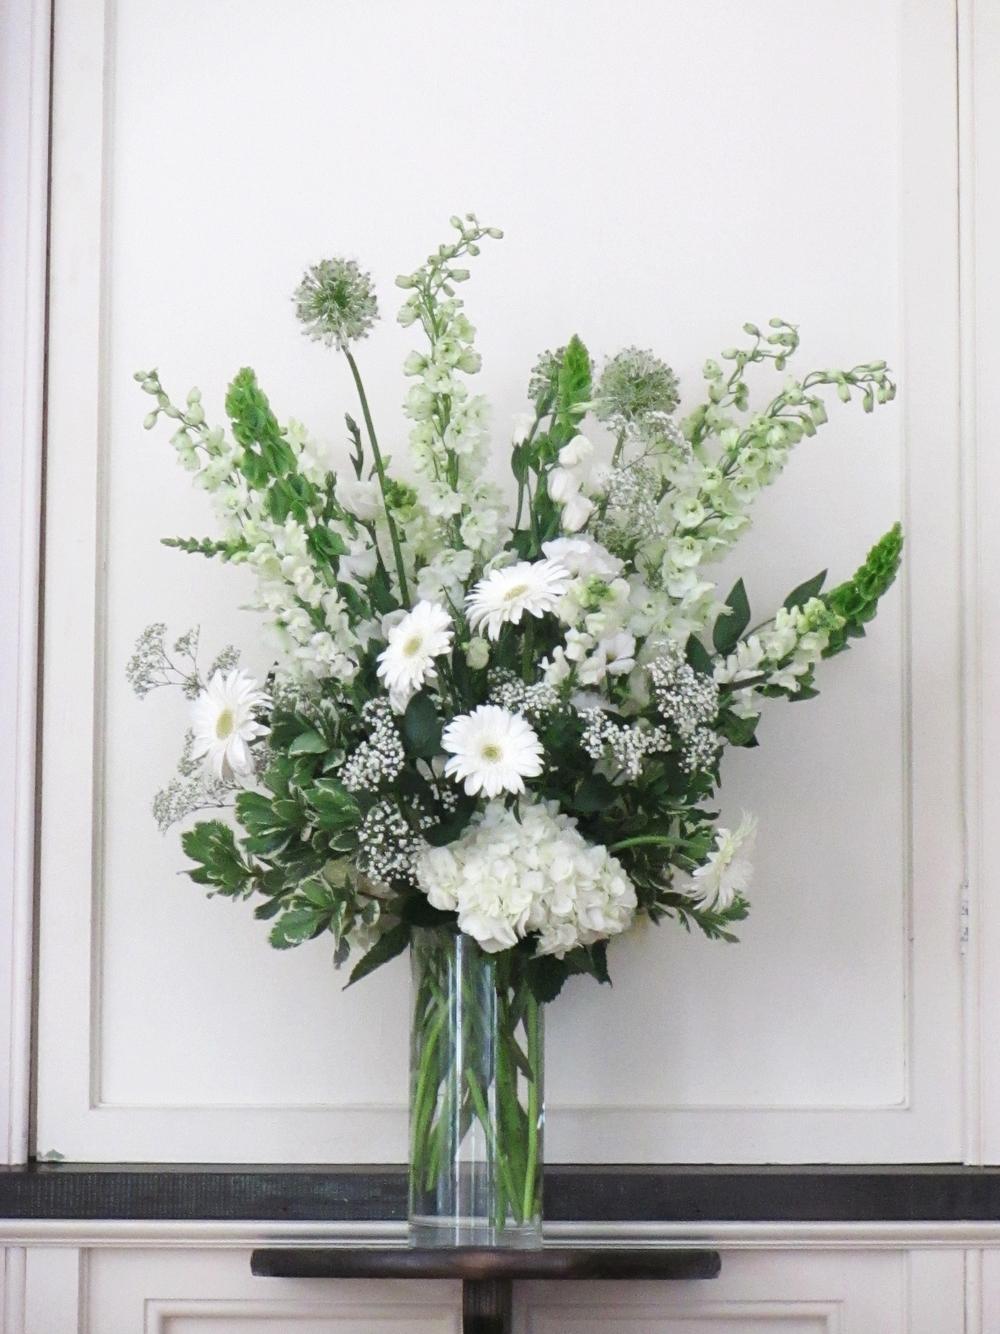 F34 $150 - $200 Large vase arrangement